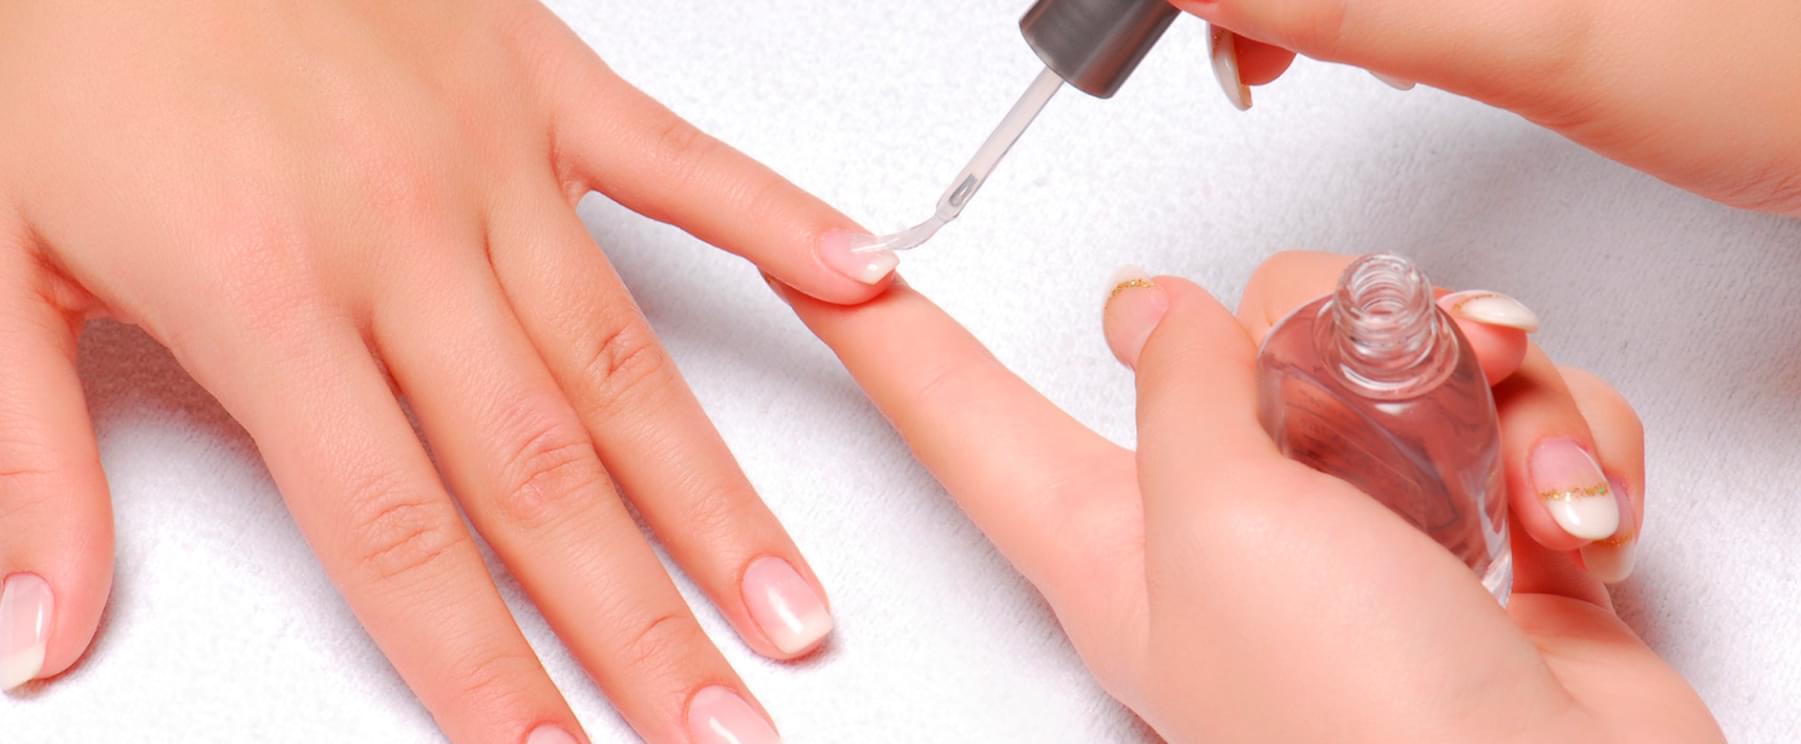 Укрепление ногтей в салоне маникюра Missliise в Москве